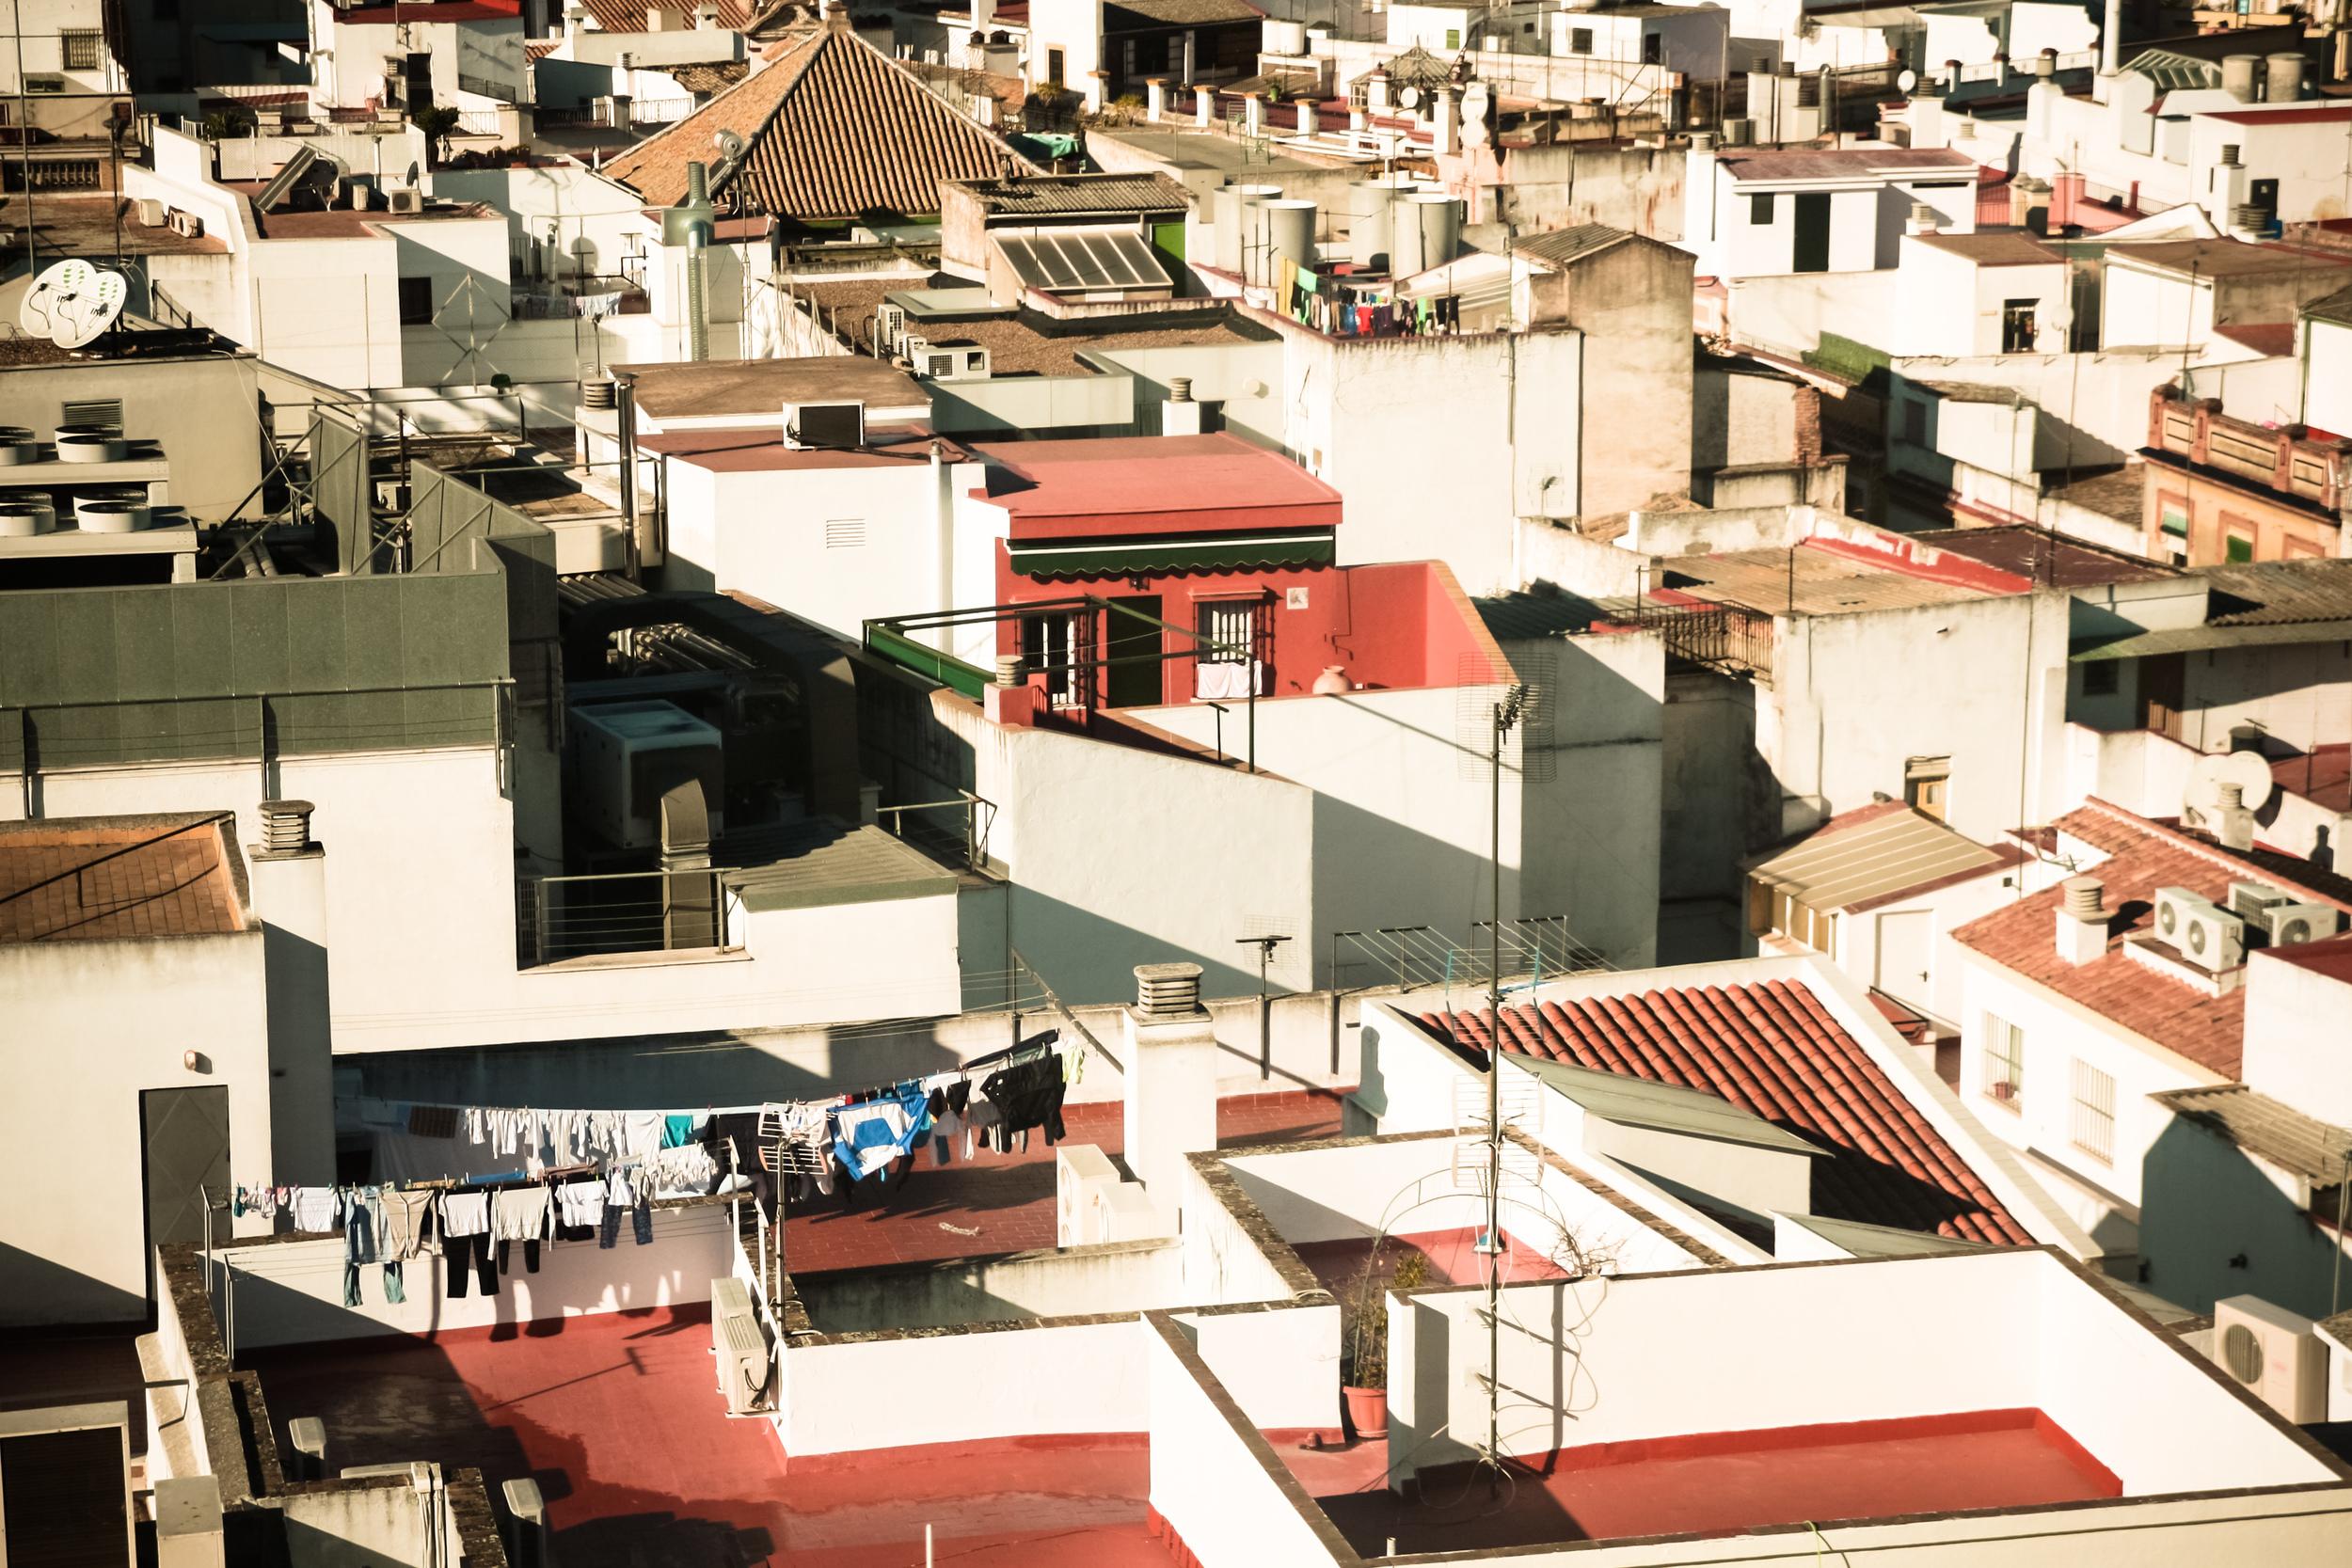 POR-Sevilla-Day5-11.jpg